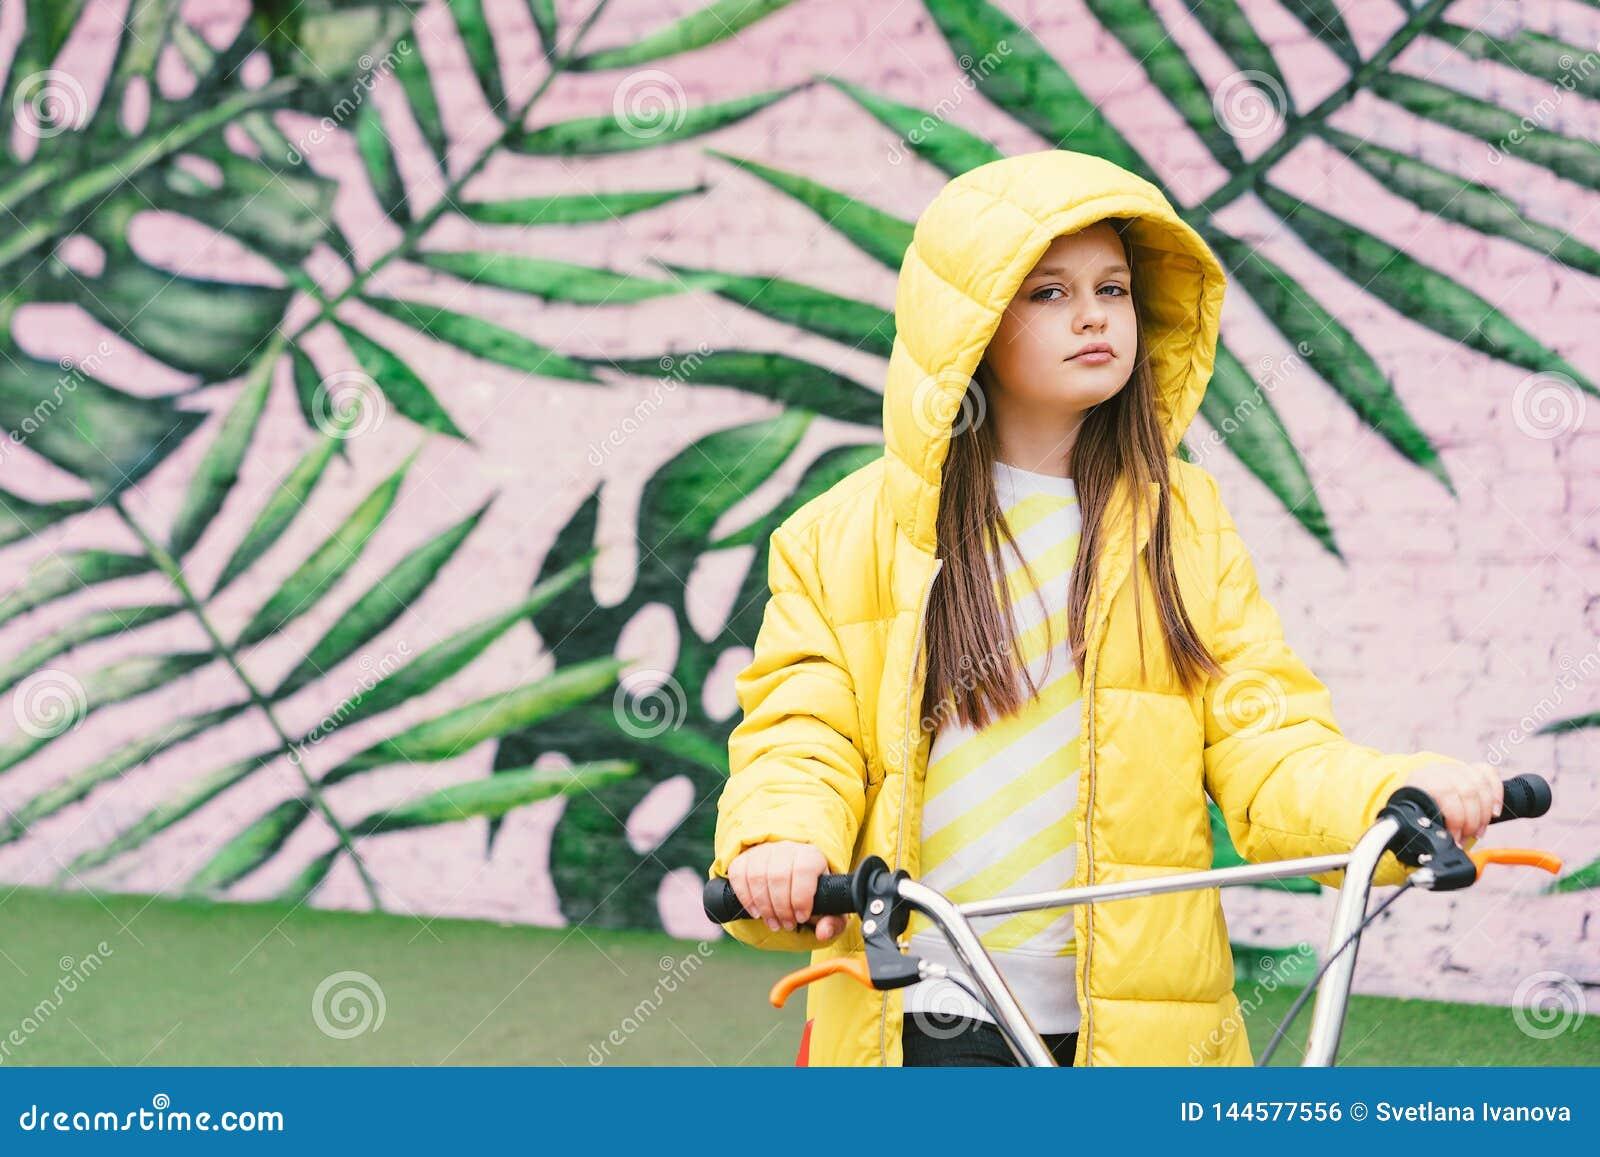 Длинн-с волосами белокурая девушка в желтом свитере и желтой куртке